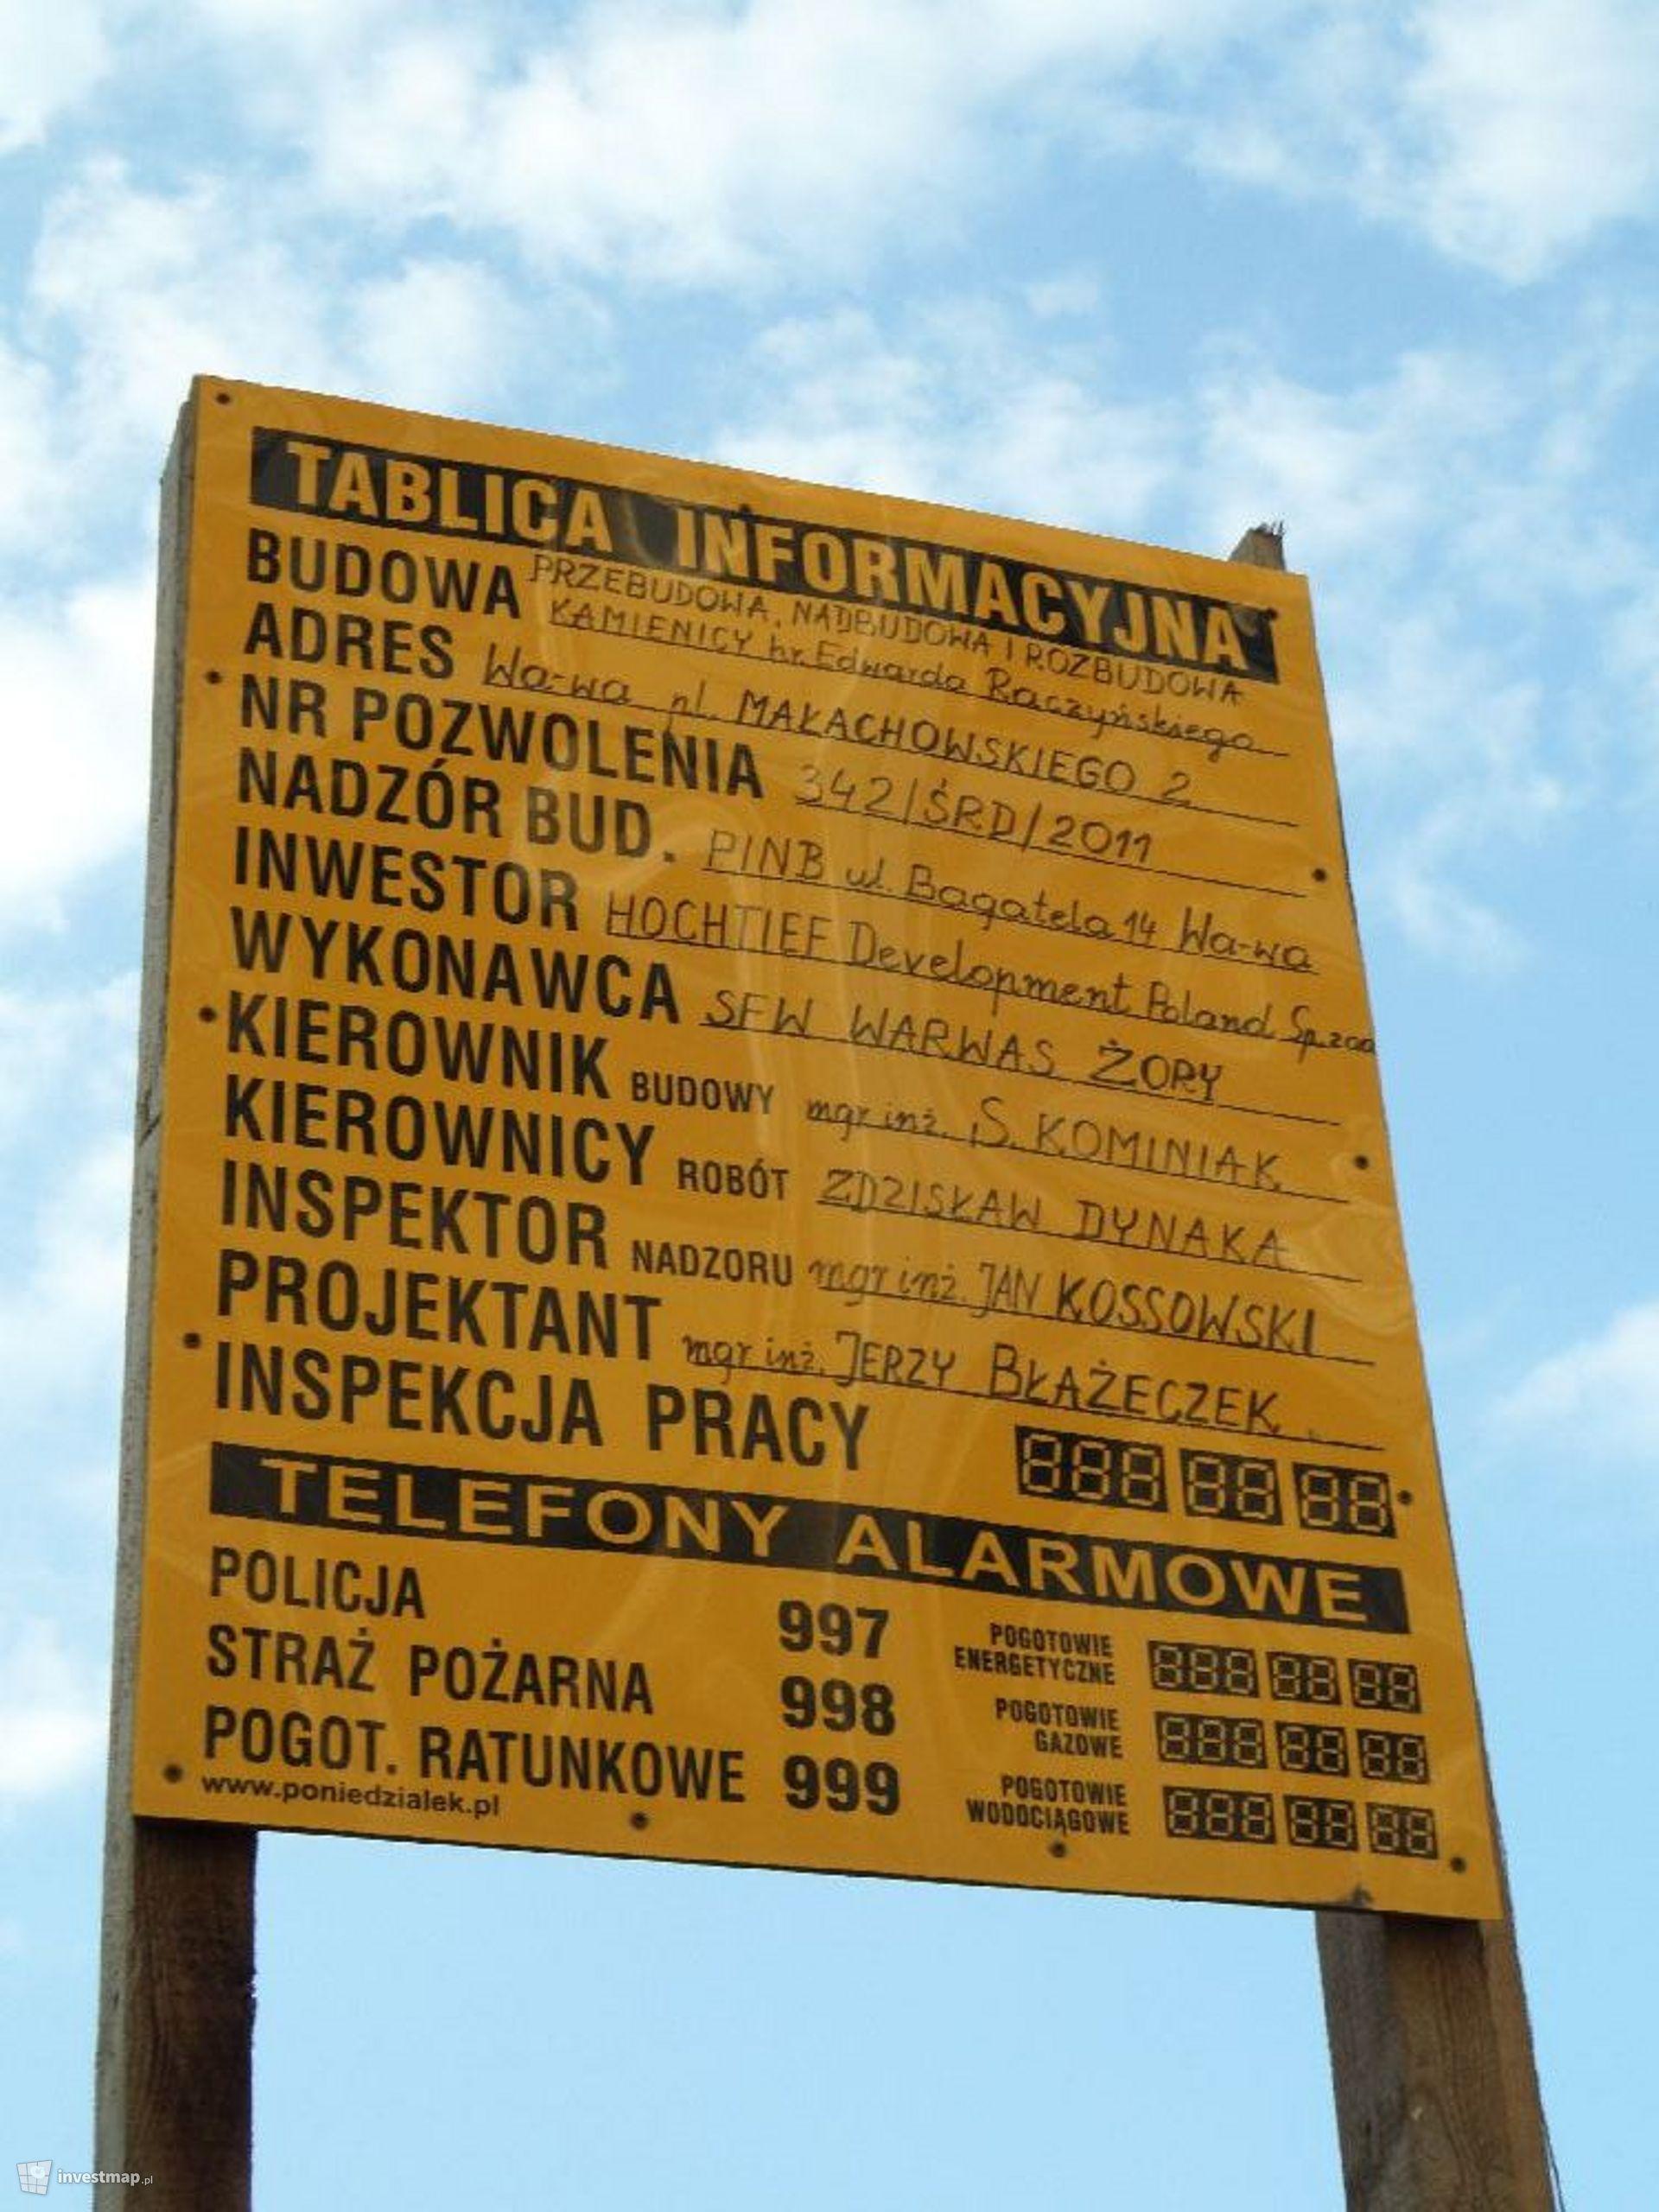 Kamienica Raczyńskiego, Plac Małachowskiego 2